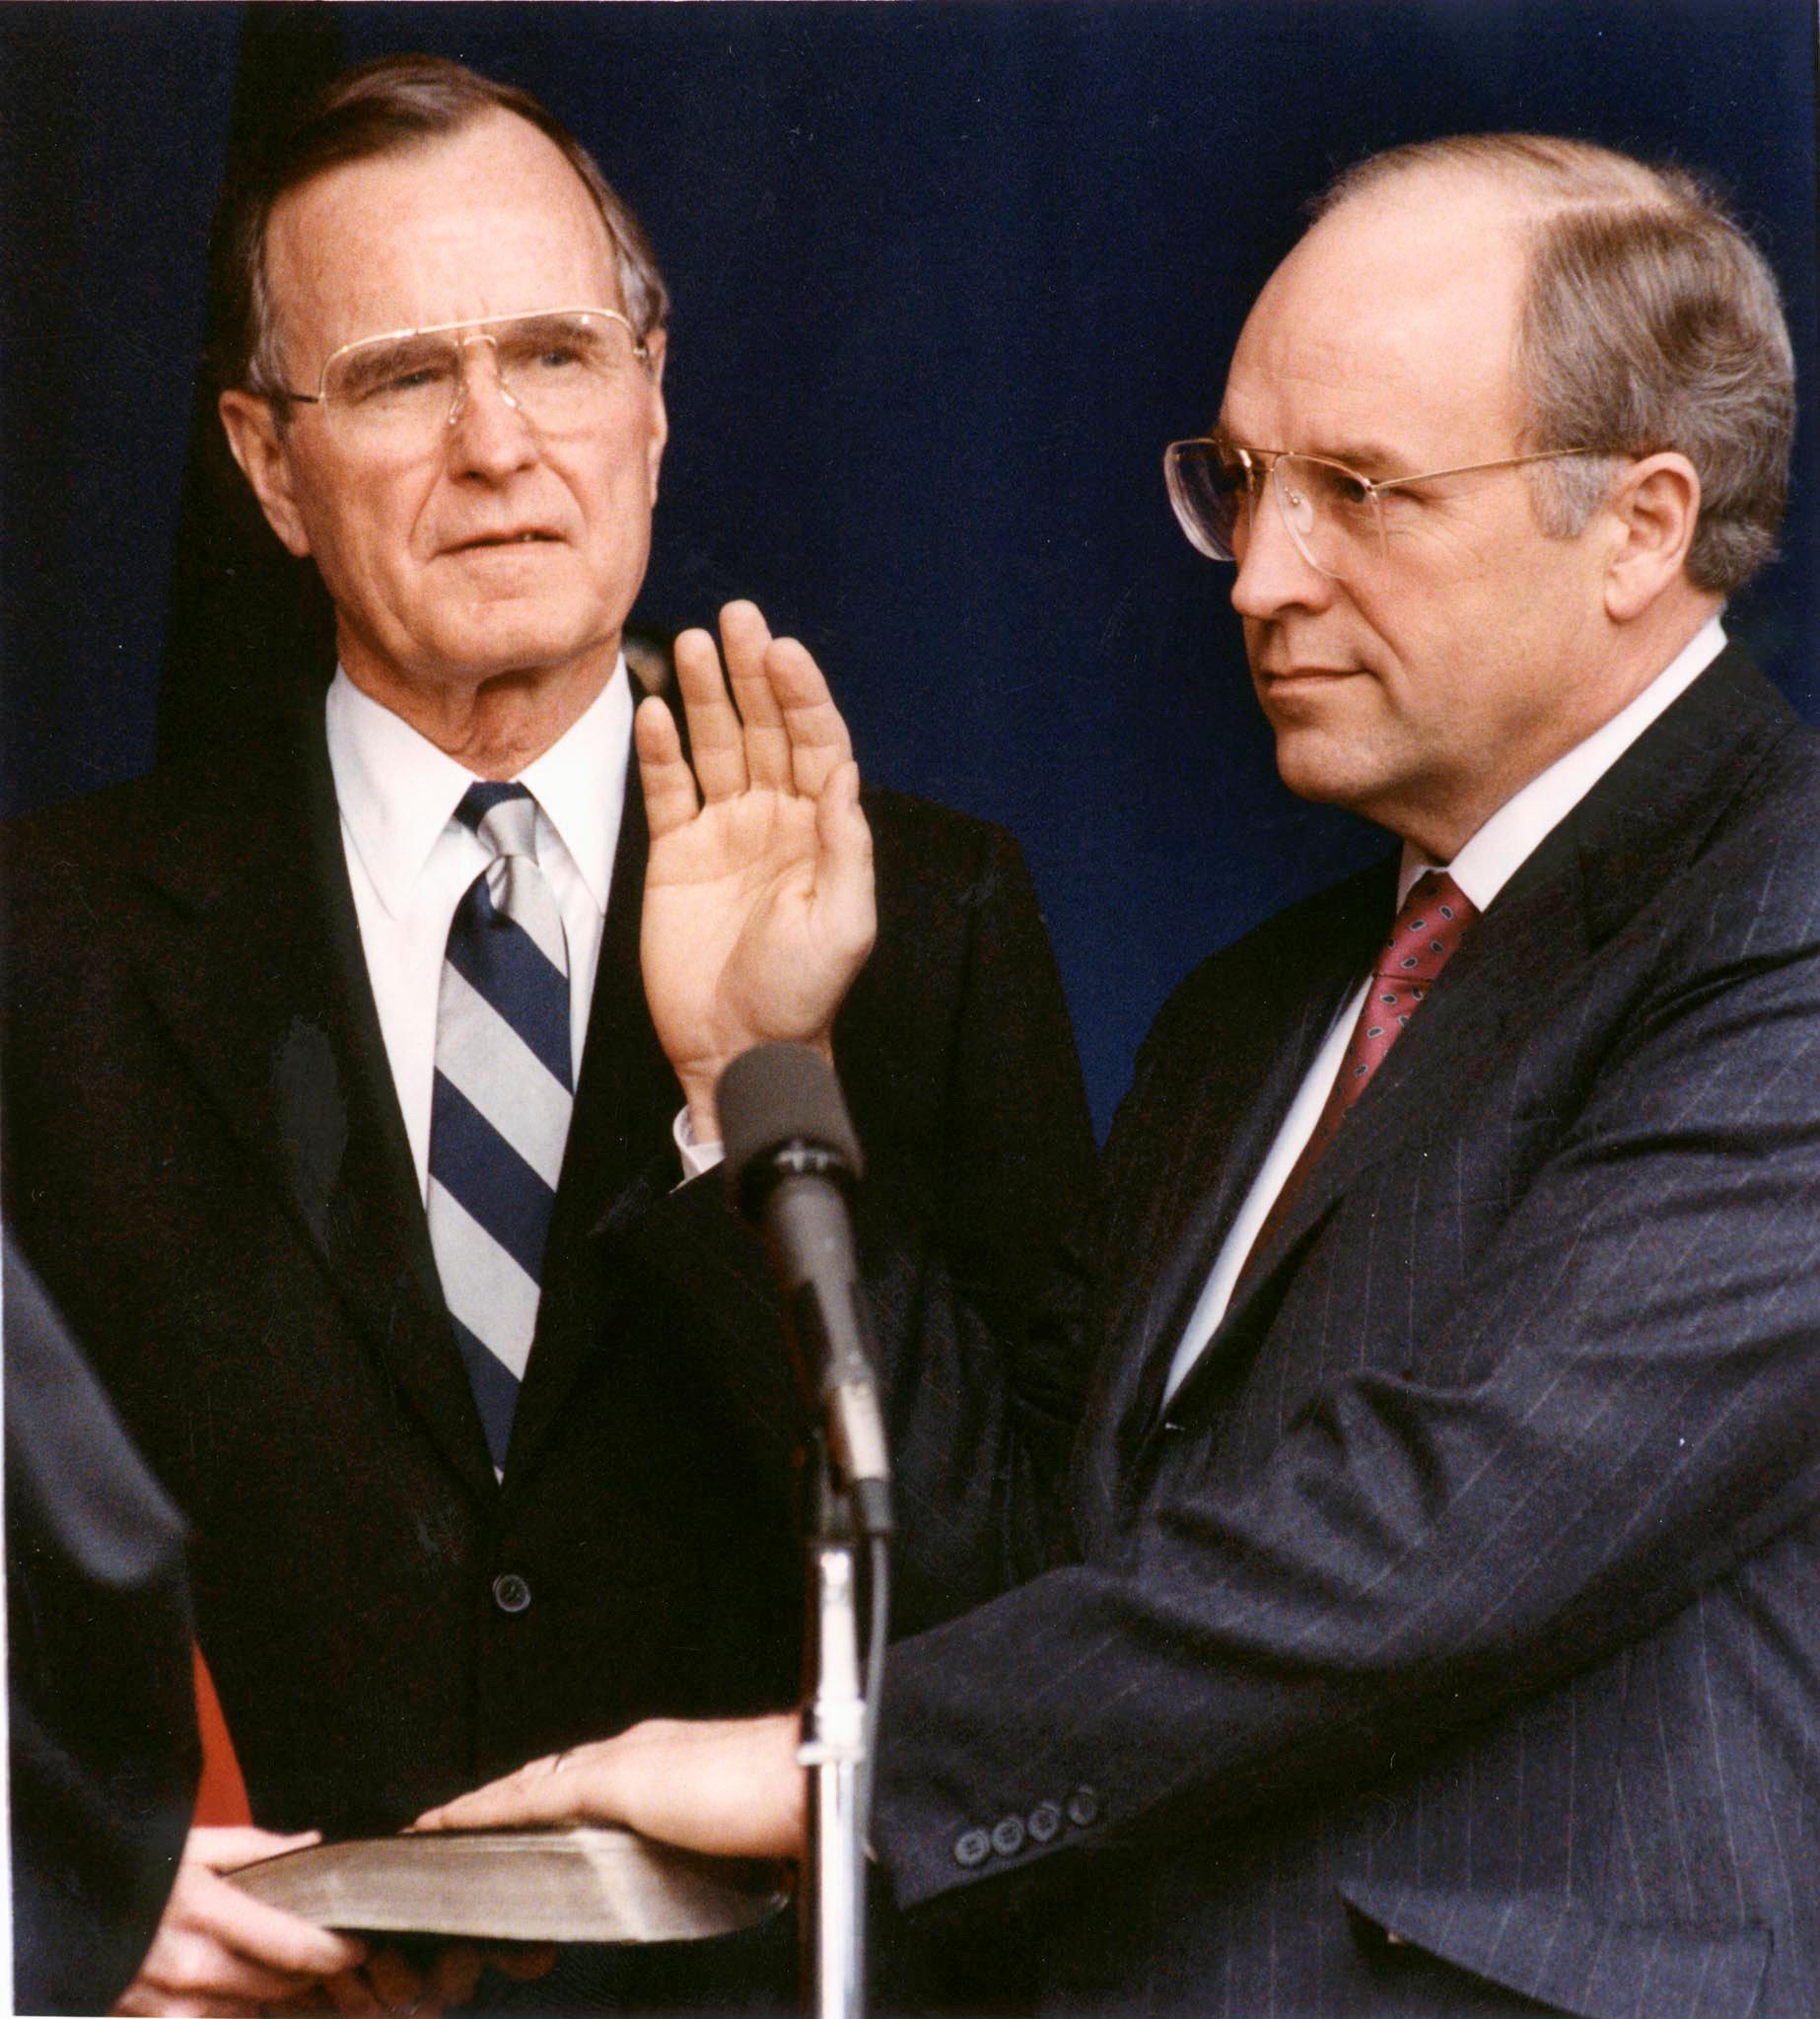 جورج بوش الأب  الرئيس الأمريكى الأسبق  (5)